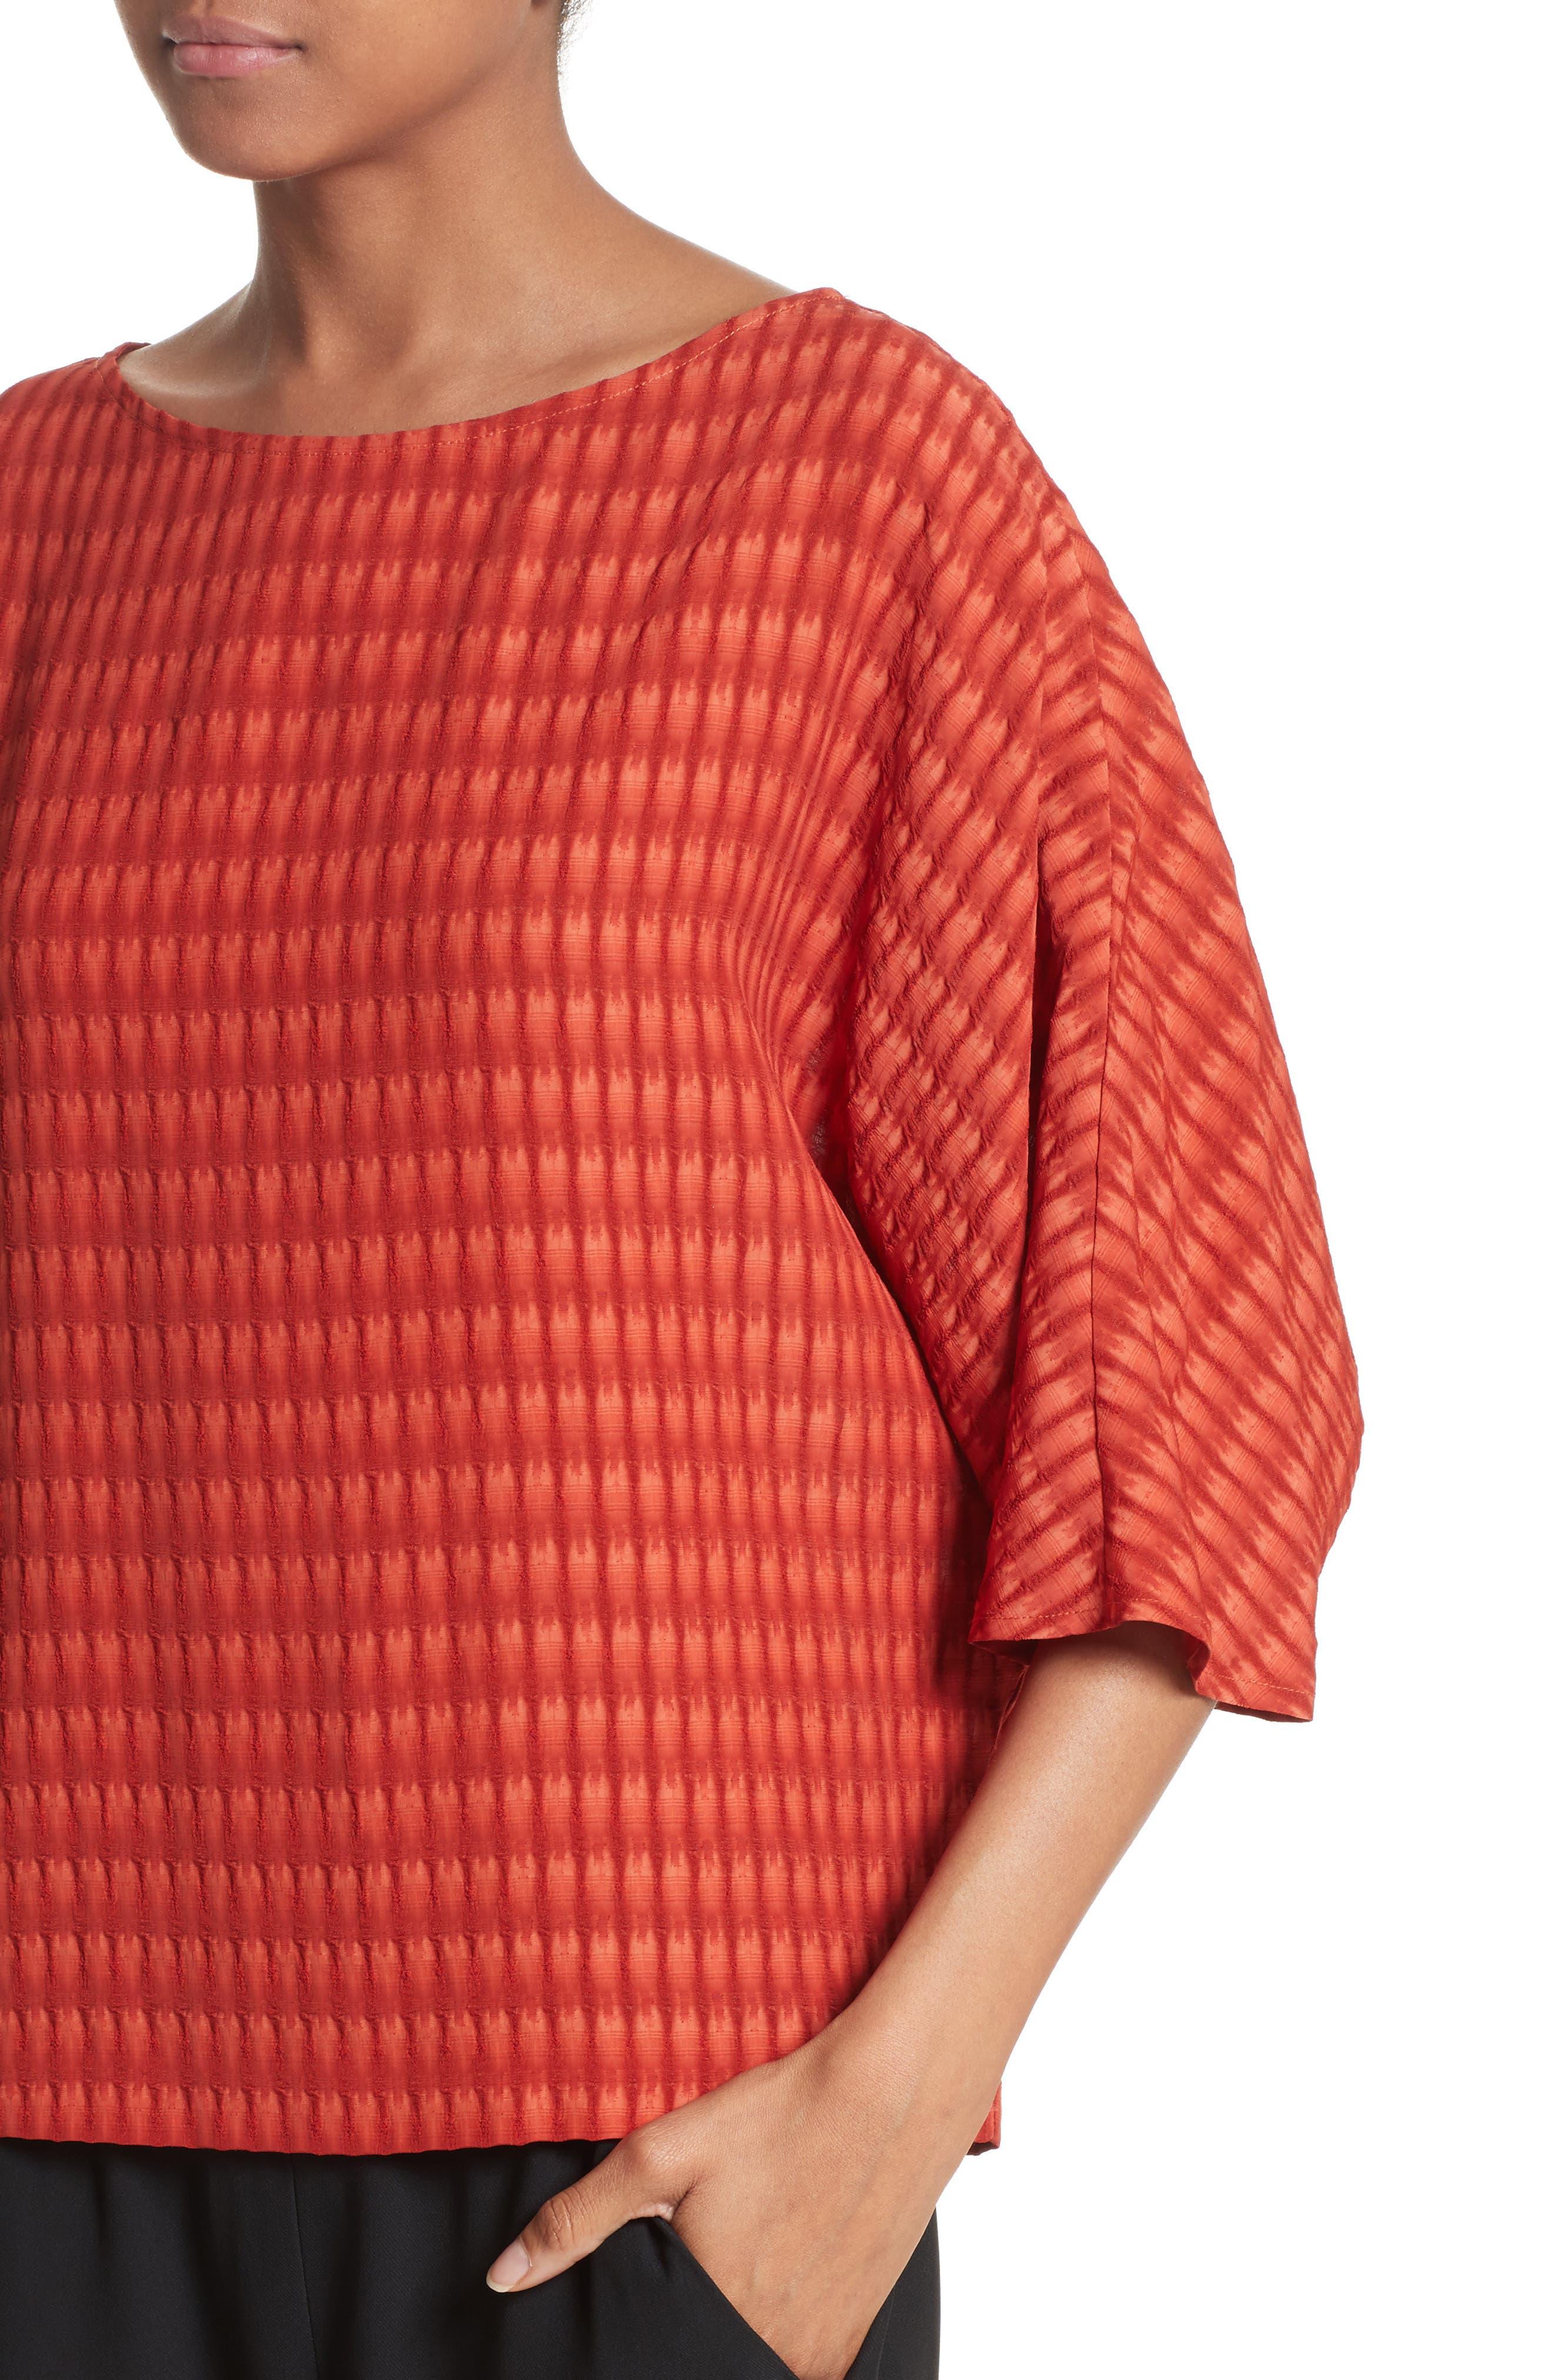 Vero Batik Plaid Top,                             Alternate thumbnail 7, color,                             Saffron Red